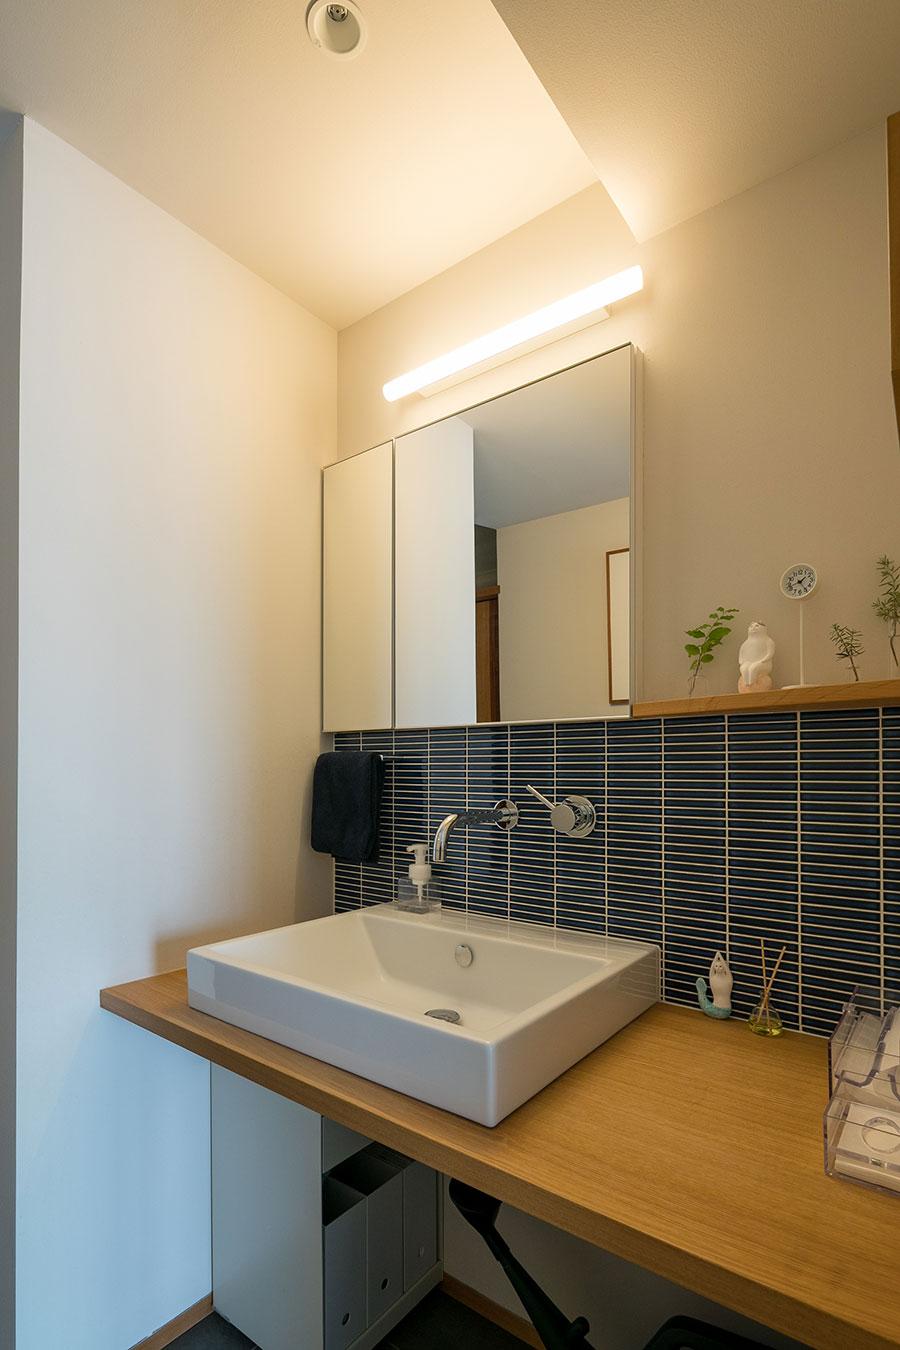 洗面所には清潔感のある紺色のタイル。壁付の蛇口は掃除もラク。